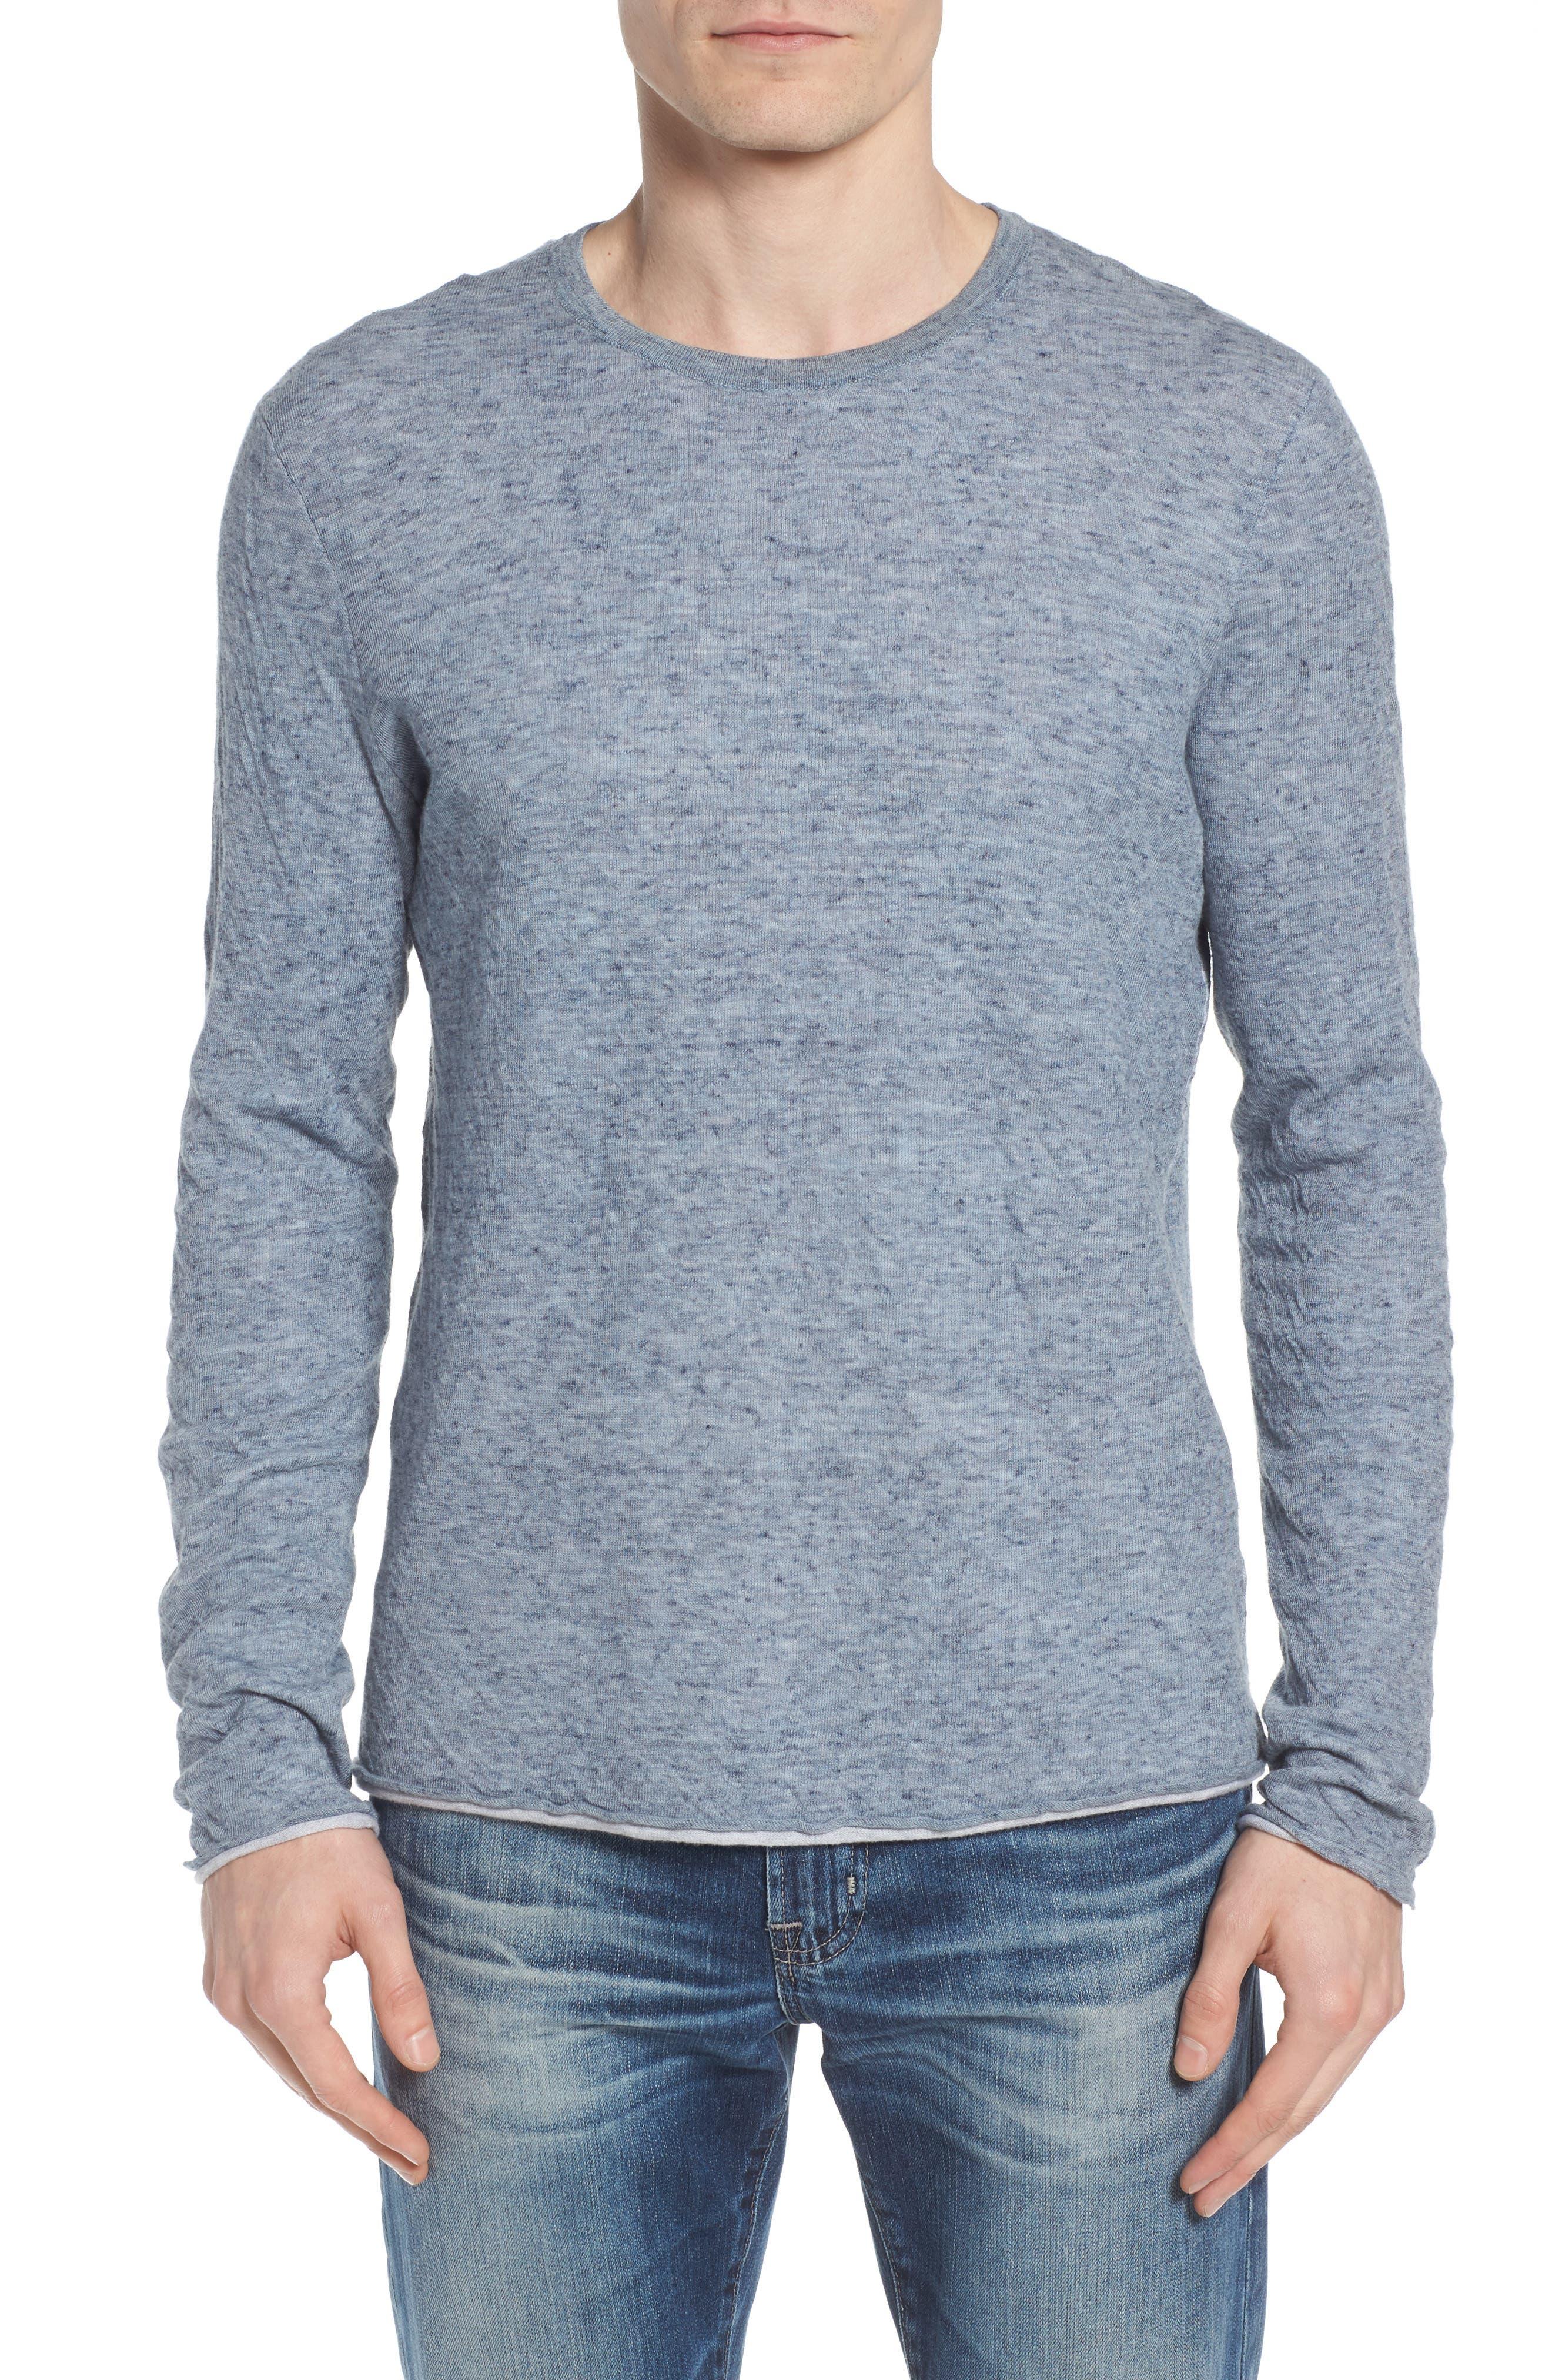 Tripp Regular Fit Crewneck Shirt,                             Main thumbnail 1, color,                             Light Blue